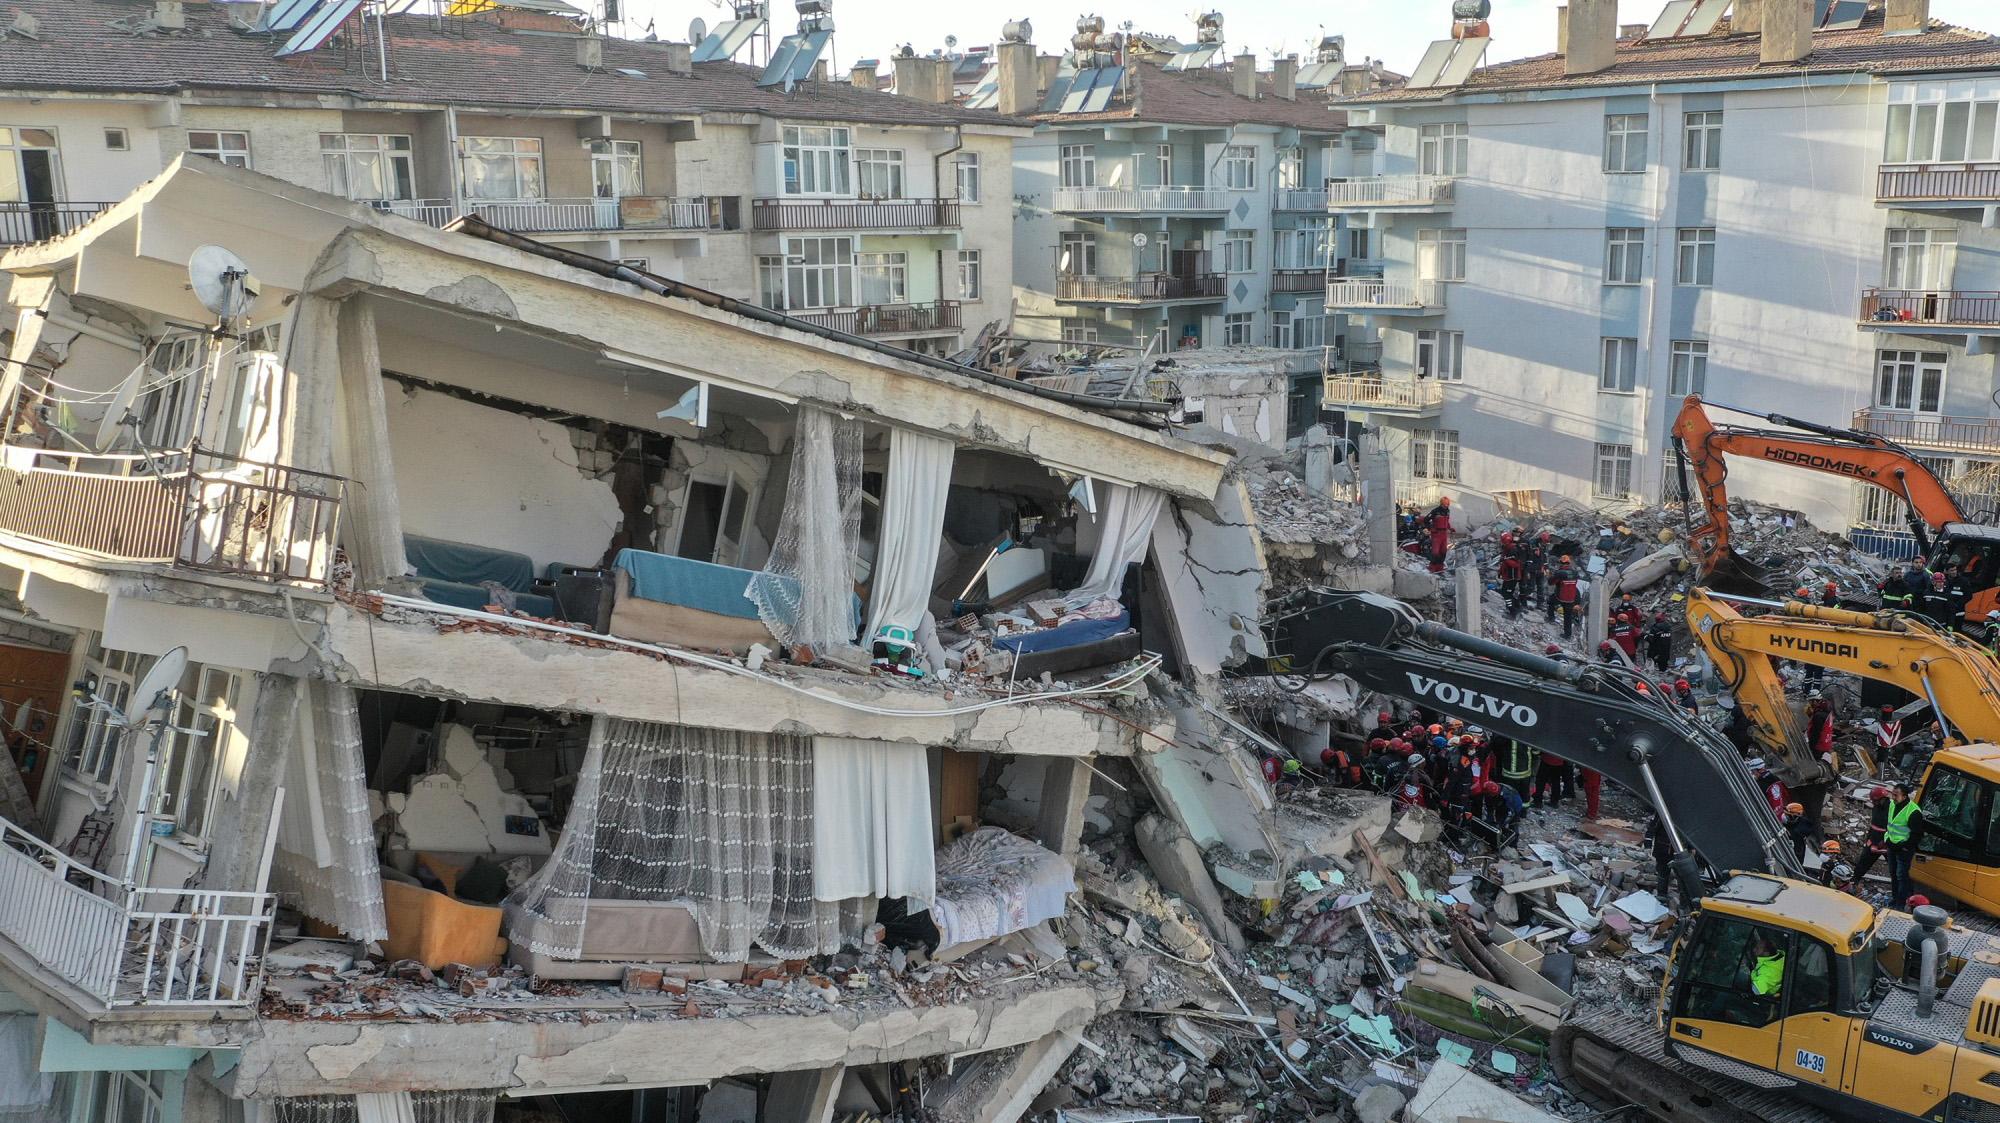 Turki Diguncang Gempa 7,0 SR, Enam Meninggal dan 202 Luka-luka